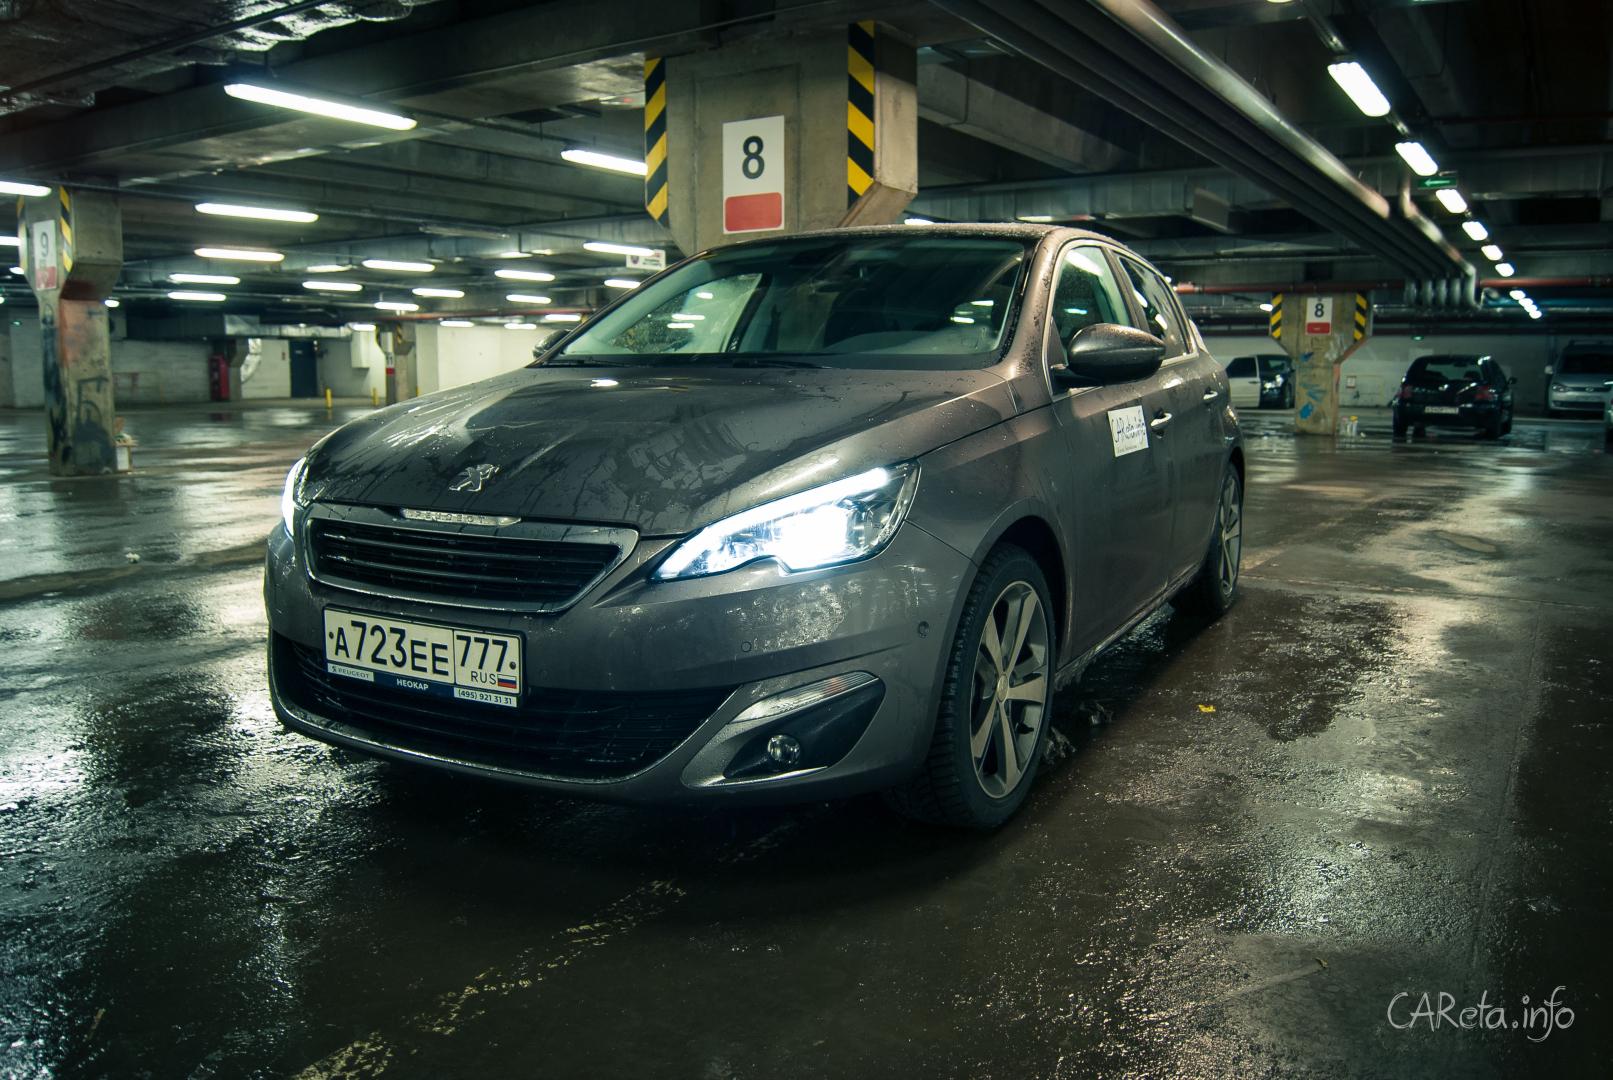 Француз покоряет русские сердца: Тест-драйв Peugeot 308